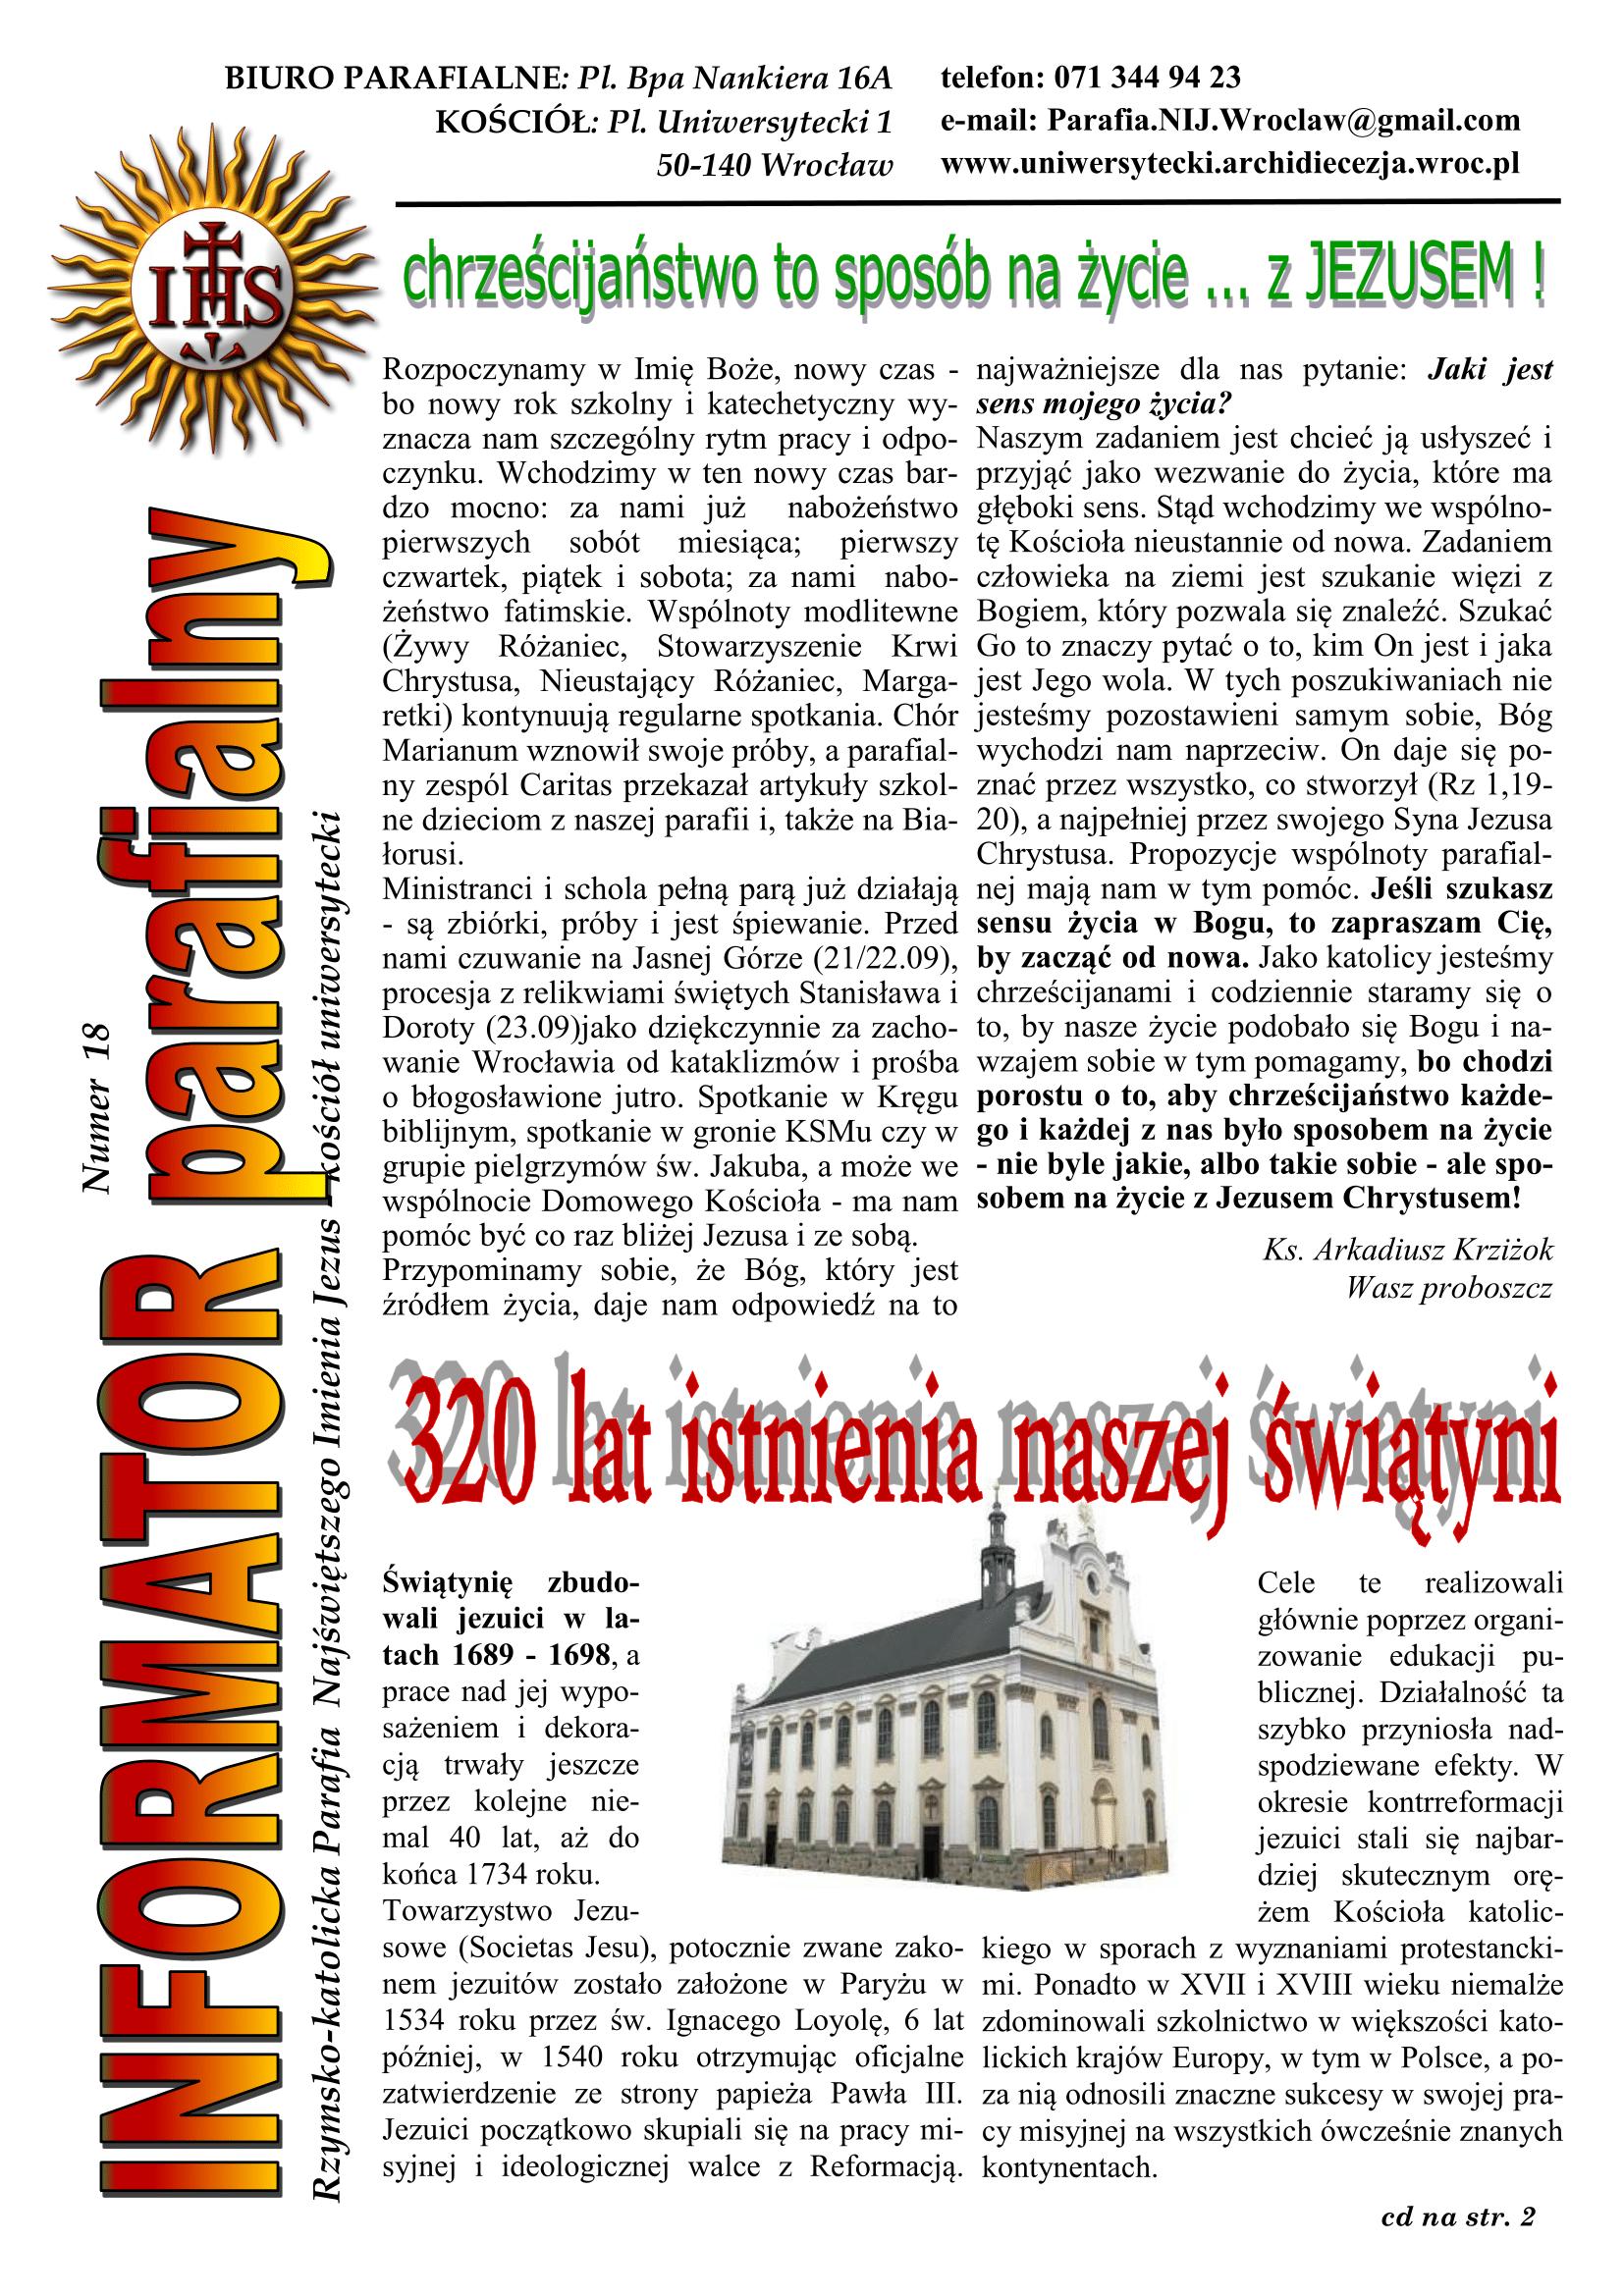 BIULETYN 18 Wrzesień 2018